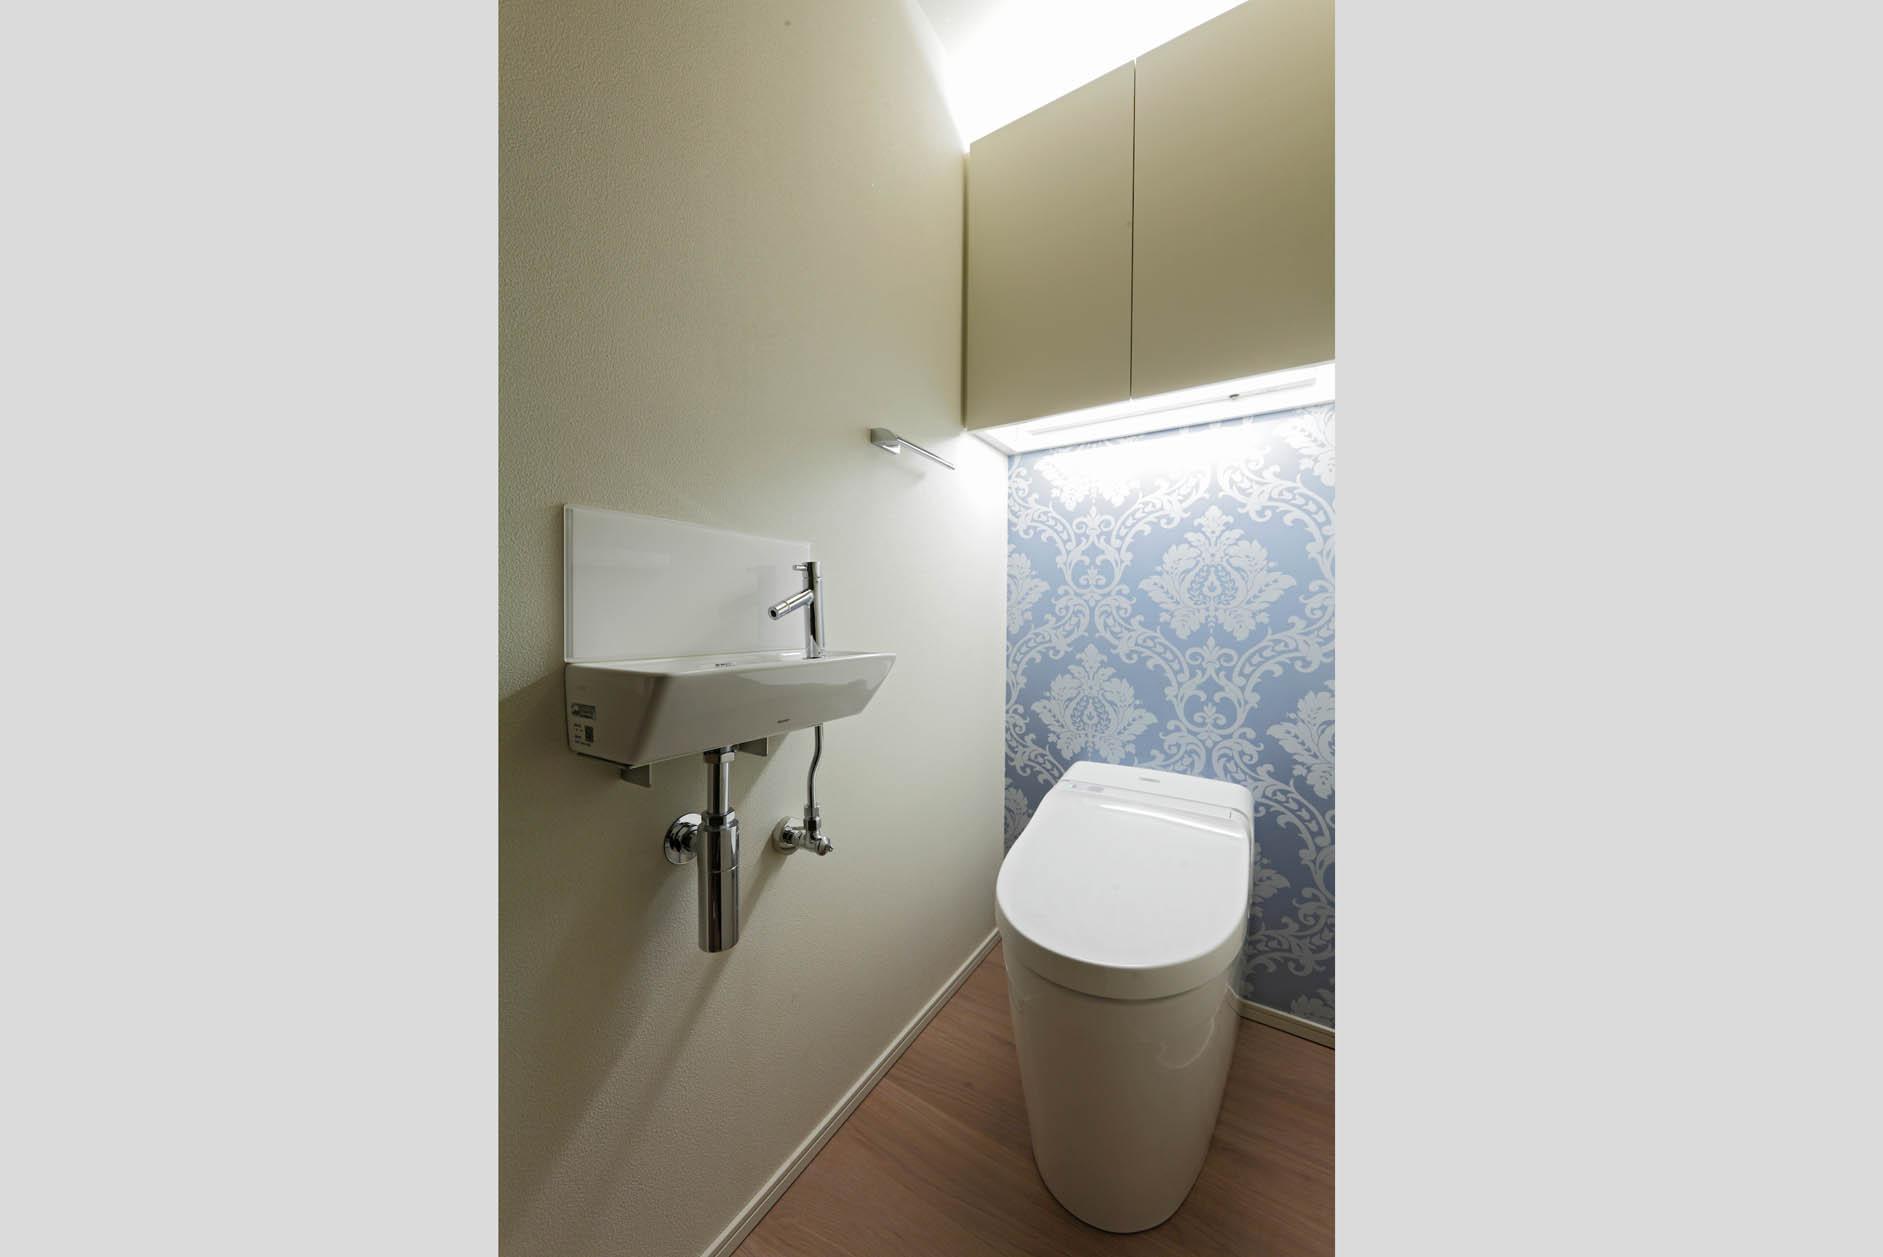 トイレは1Fと2Fの二ヵ所に設置。 イメージ